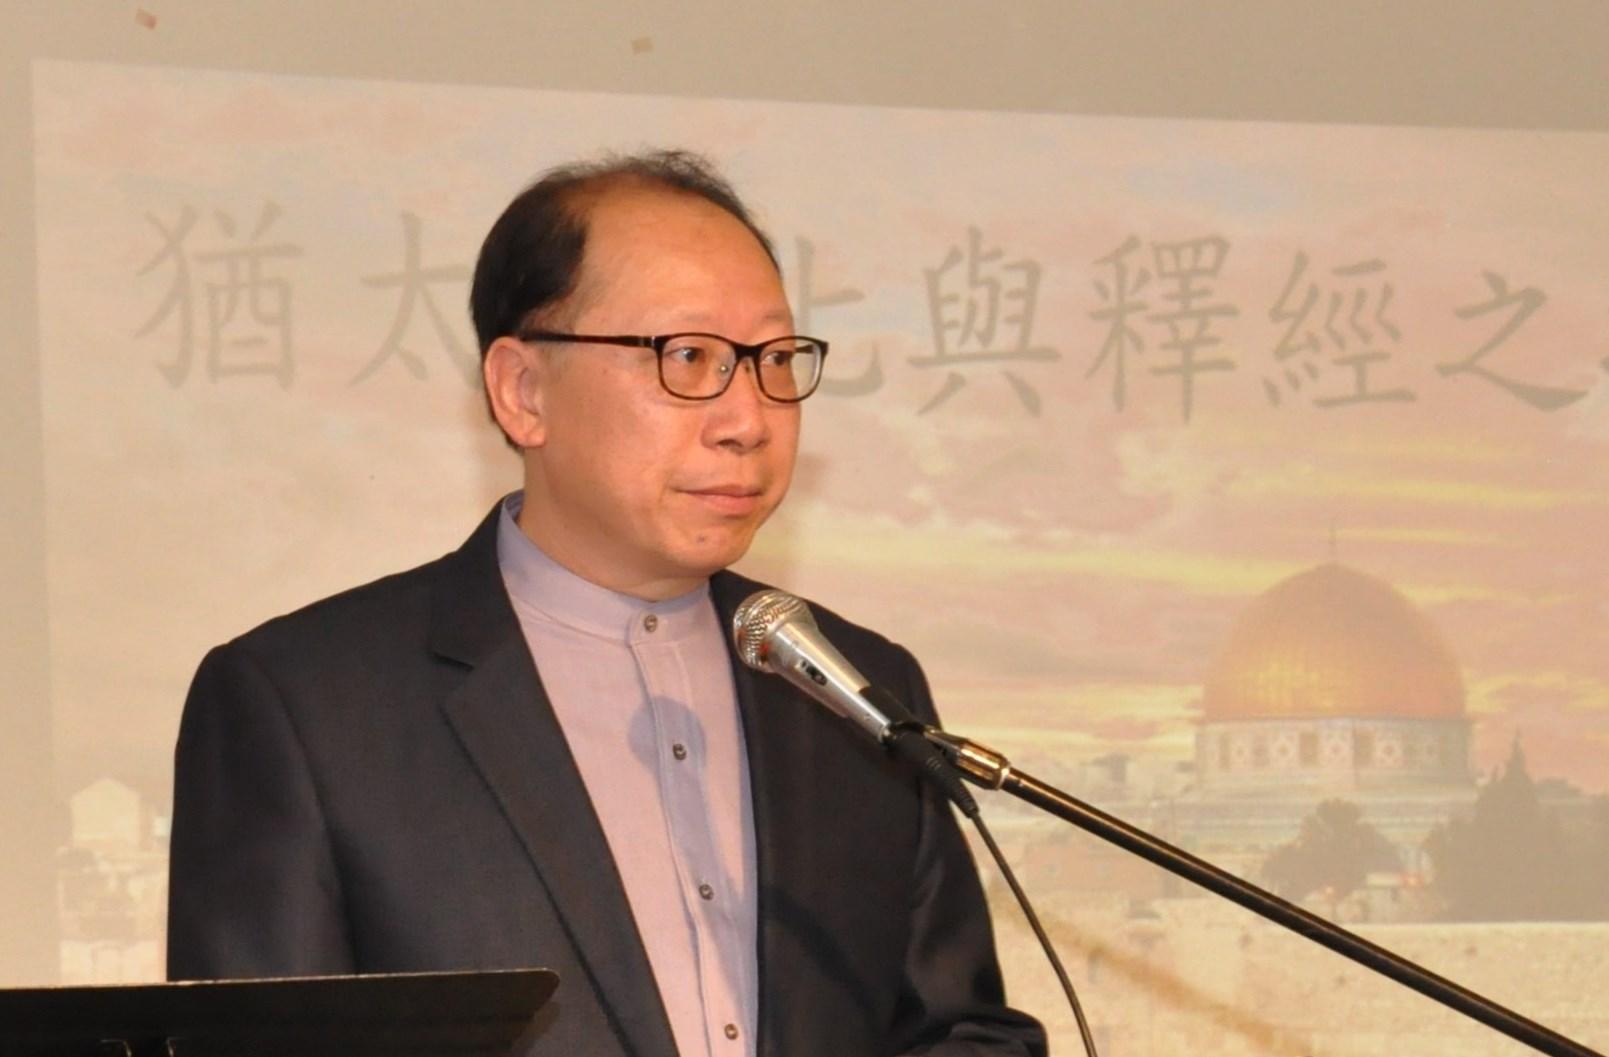 周漢燊牧師講座系列